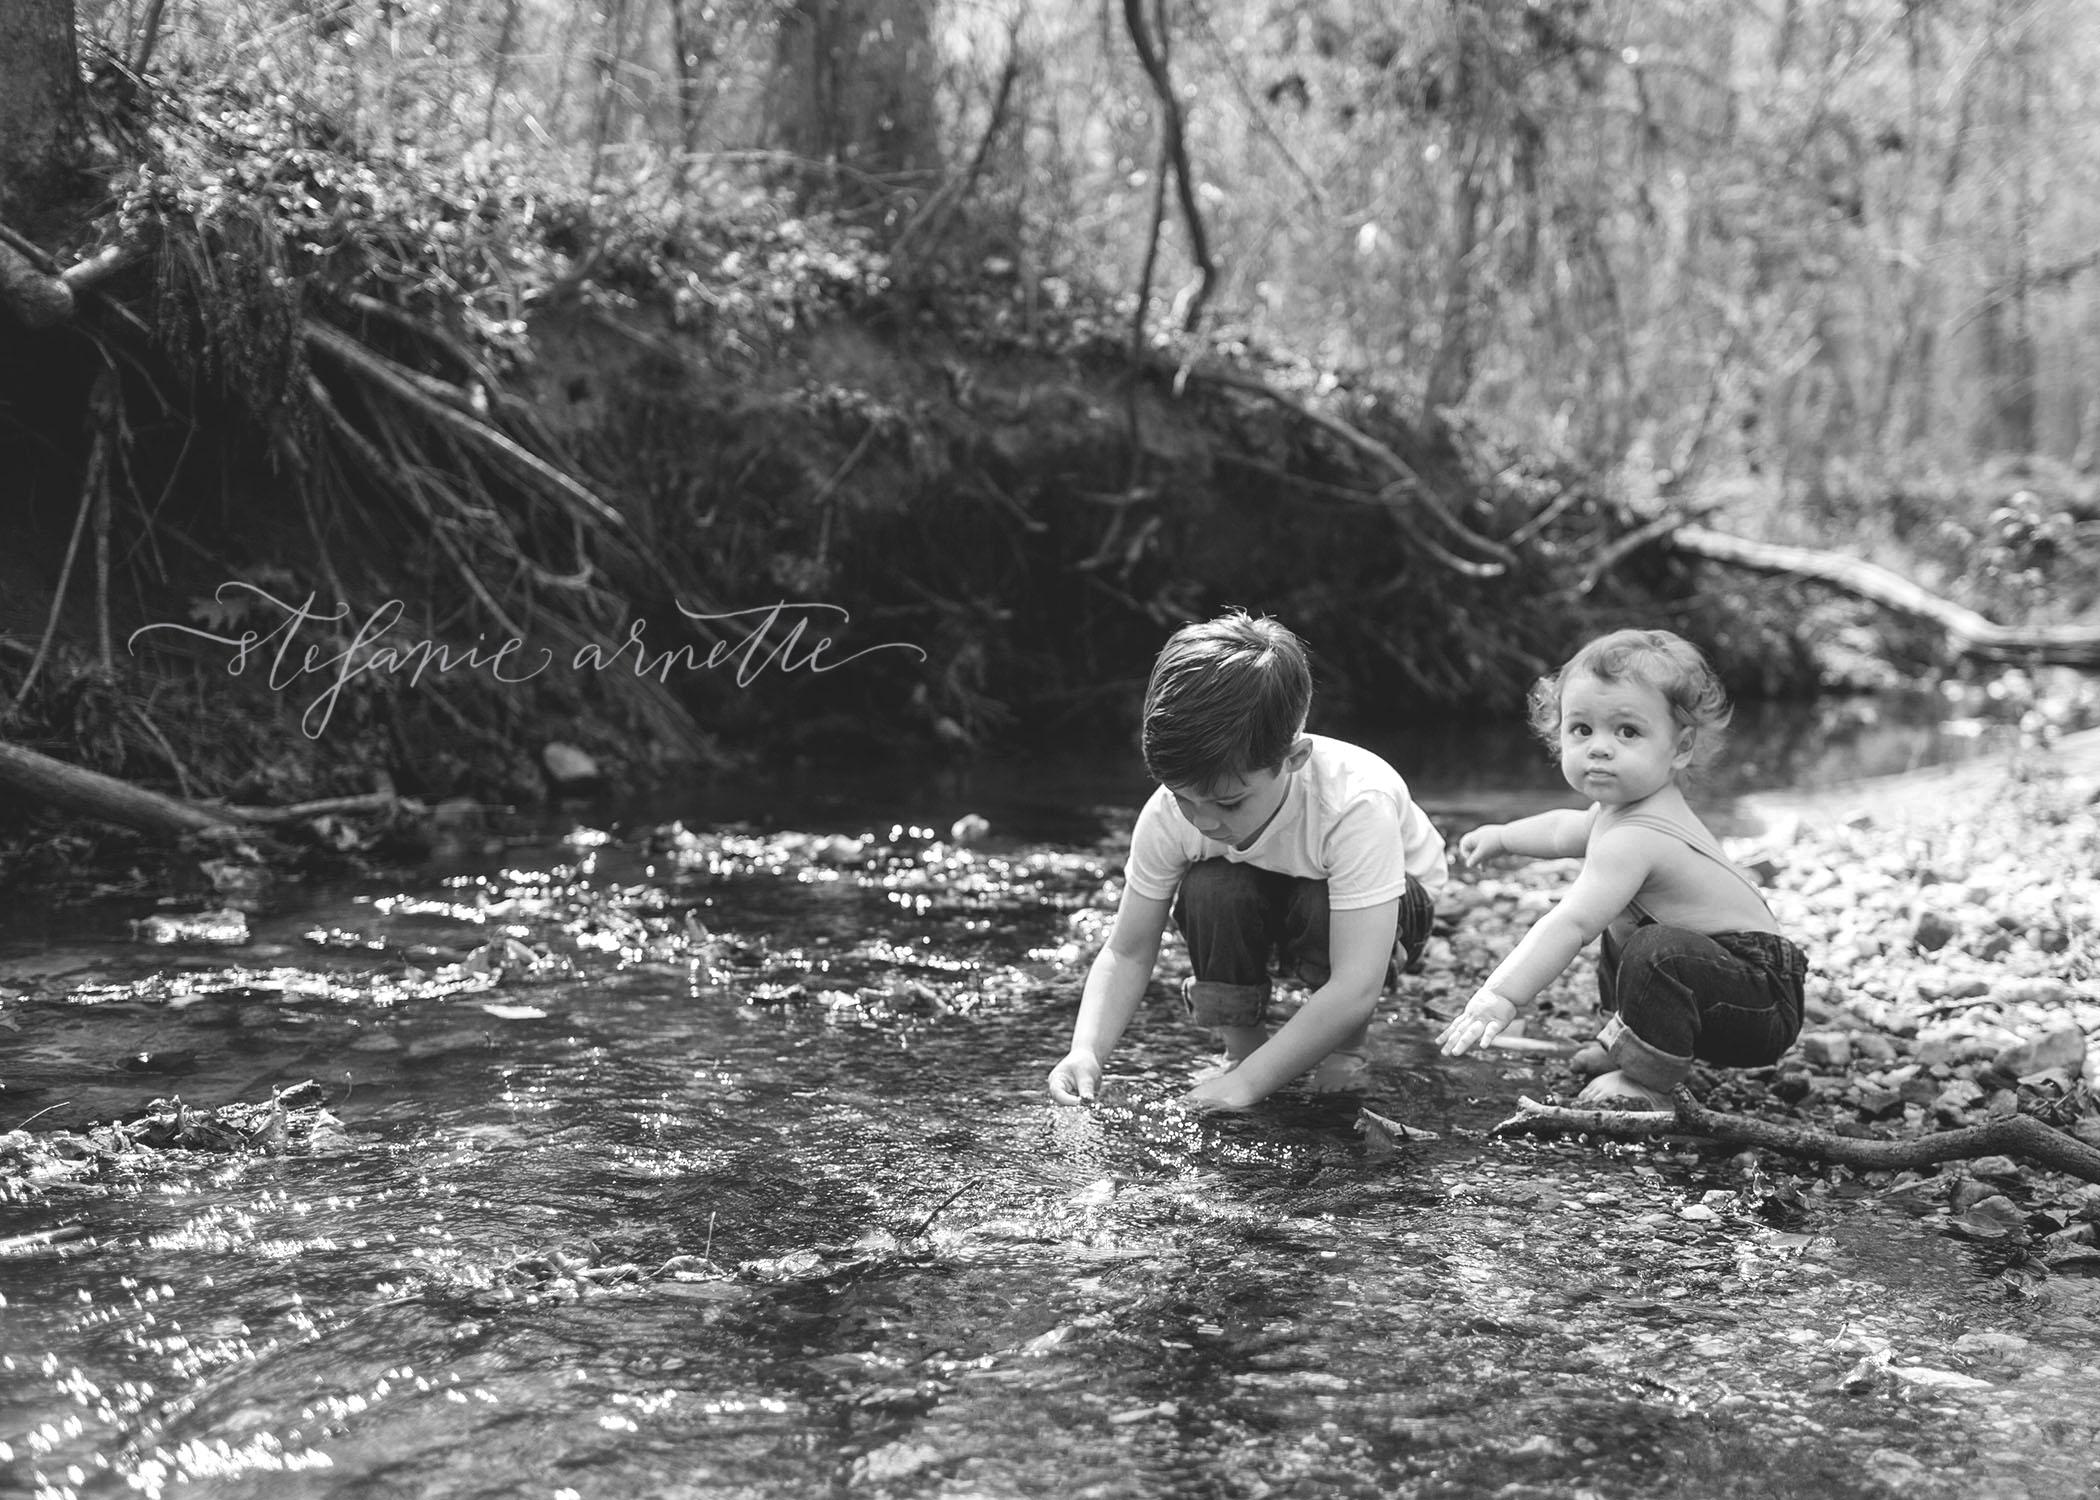 creek-135bw.jpg